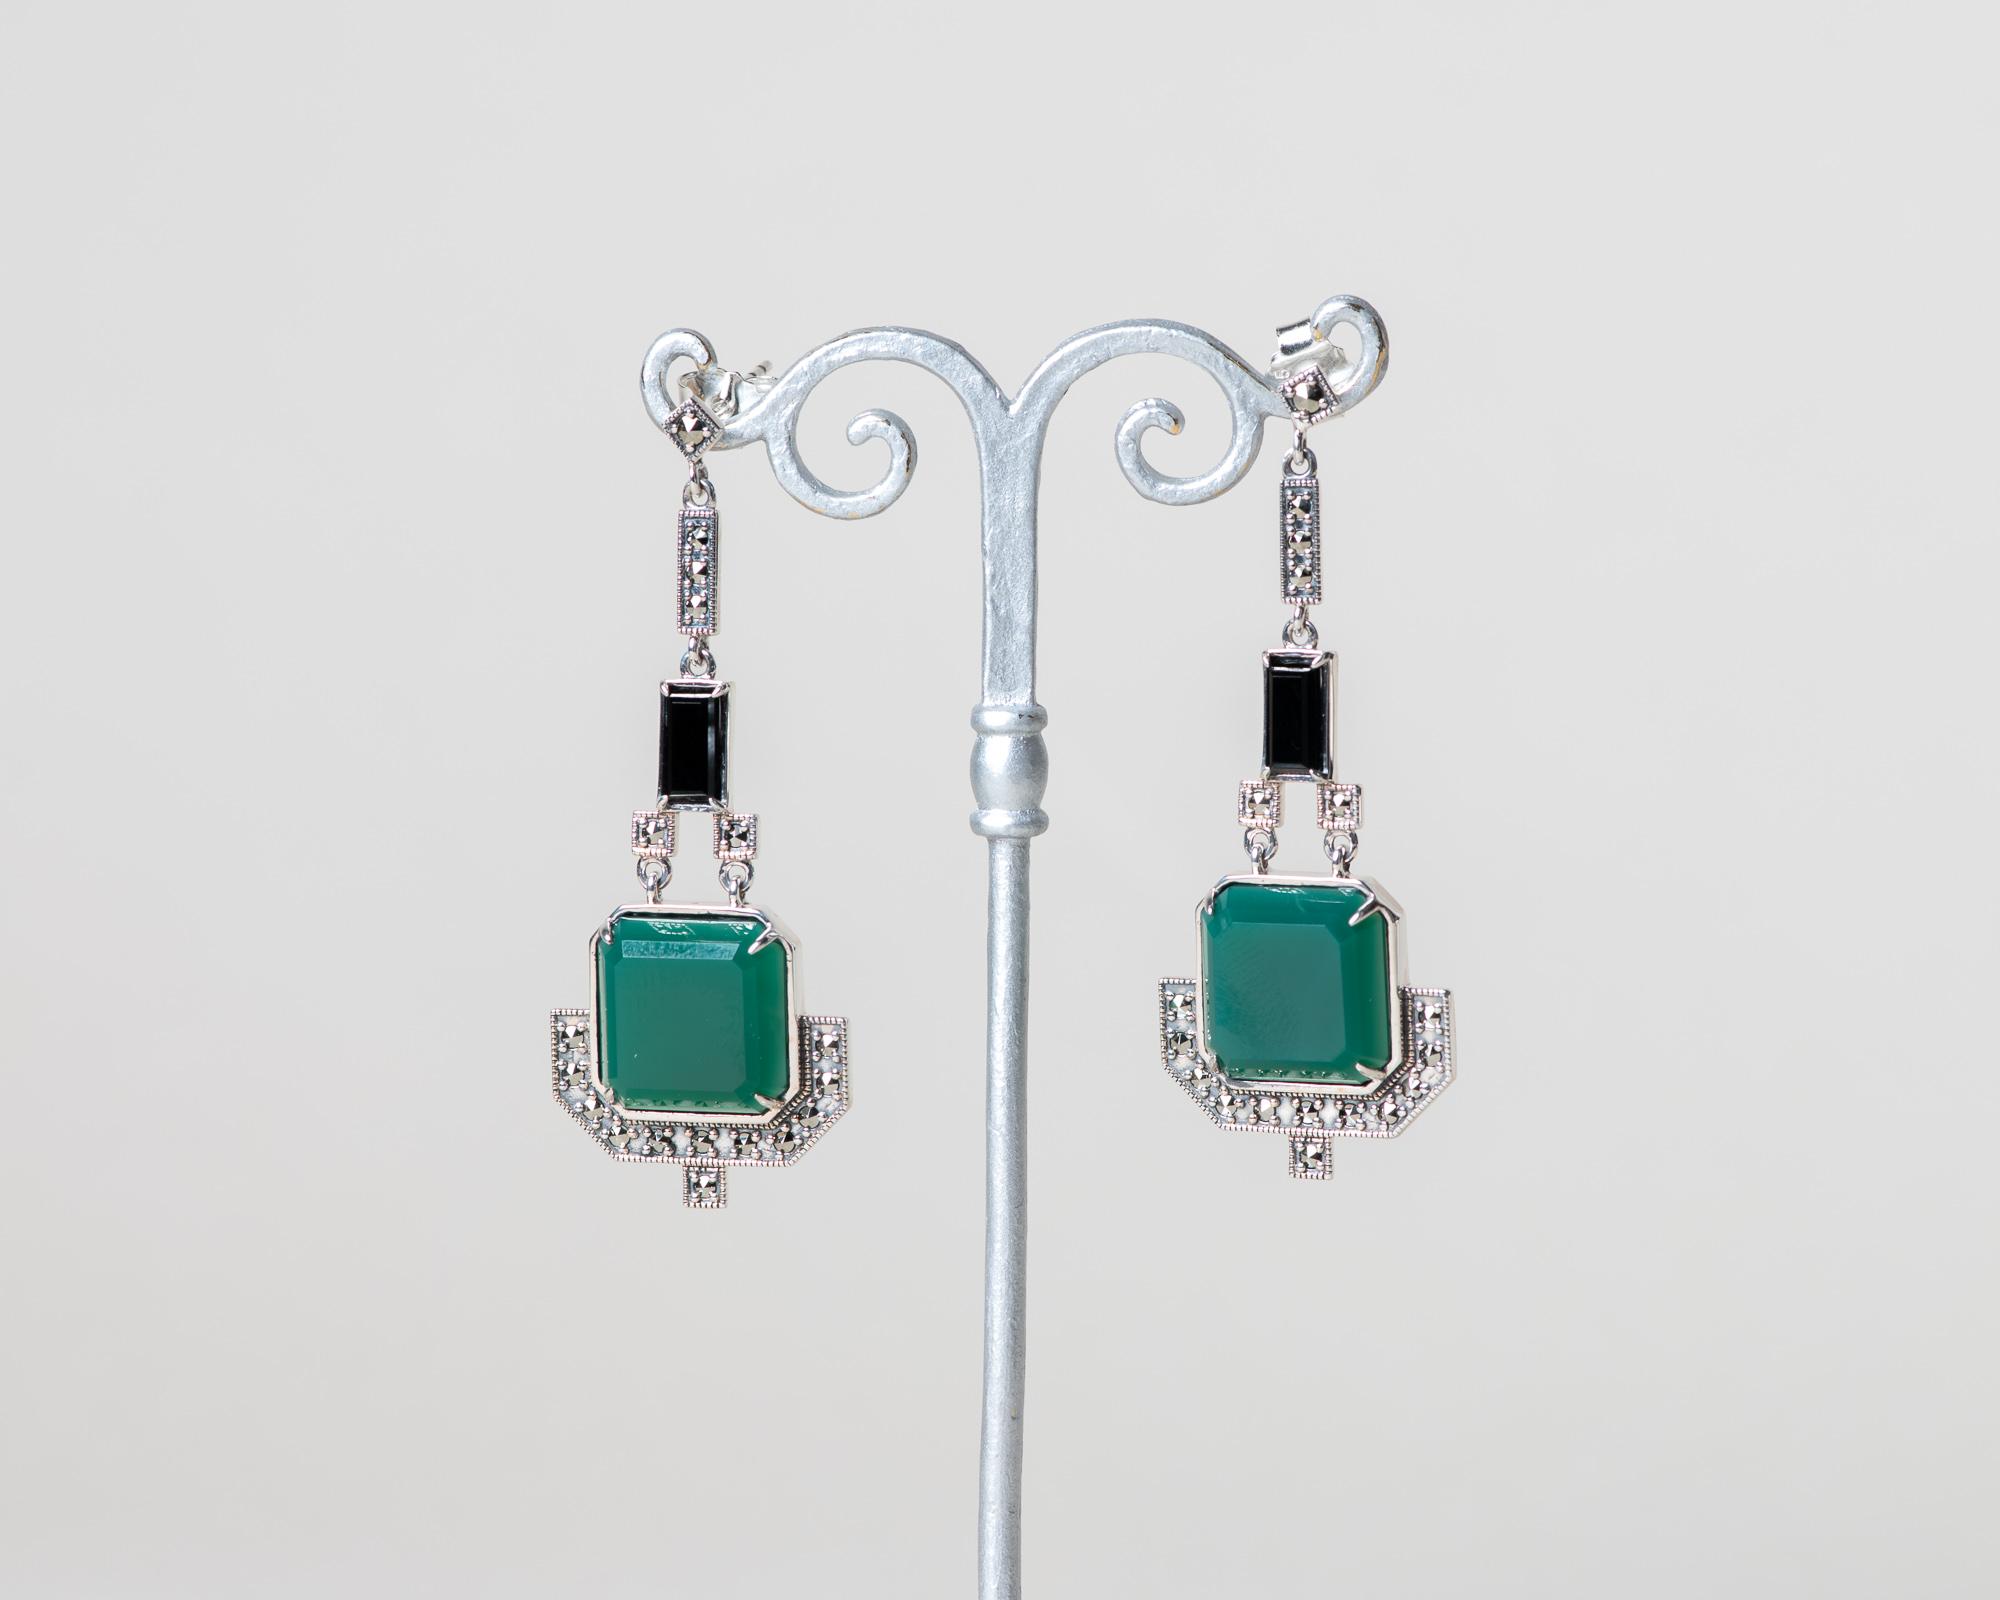 Pendientes Eniades realizados a mano en plata con marcasitas, jade verde natural y ónix